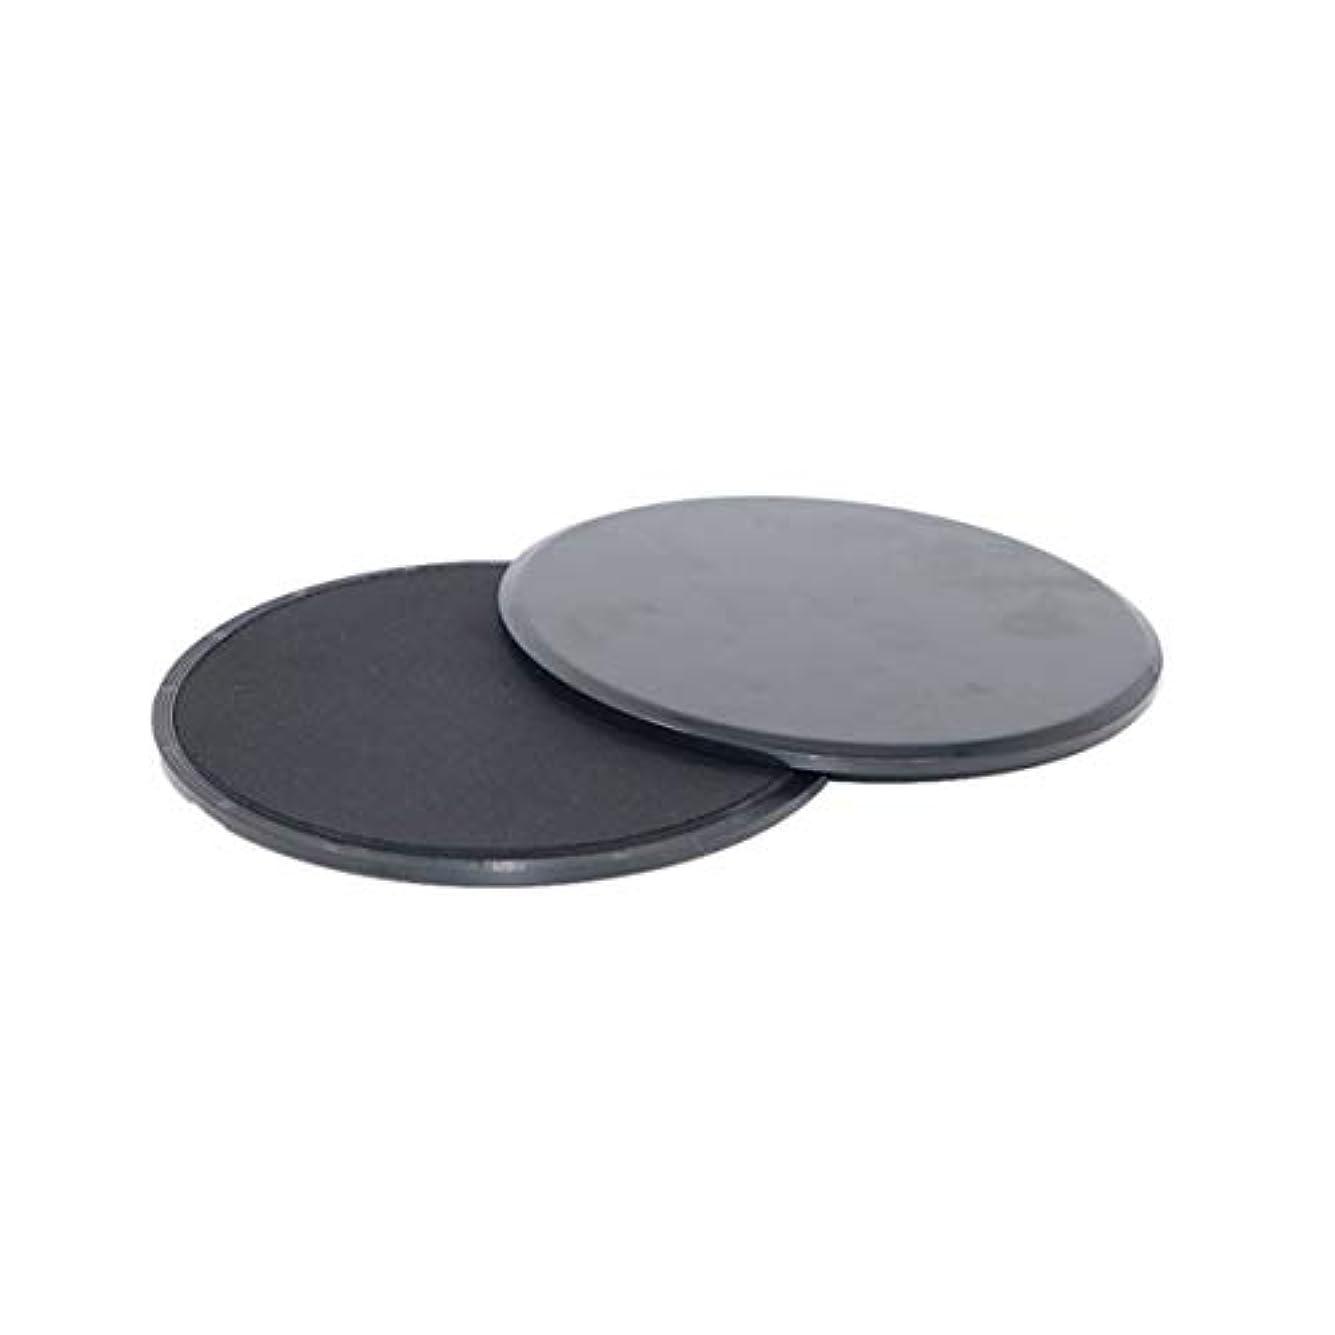 突撃サイクロプスソロフィットネススライドグライディングディスク調整能力フィットネスエクササイズスライダーコアトレーニング腹部と全身トレーニング用 - ブラック